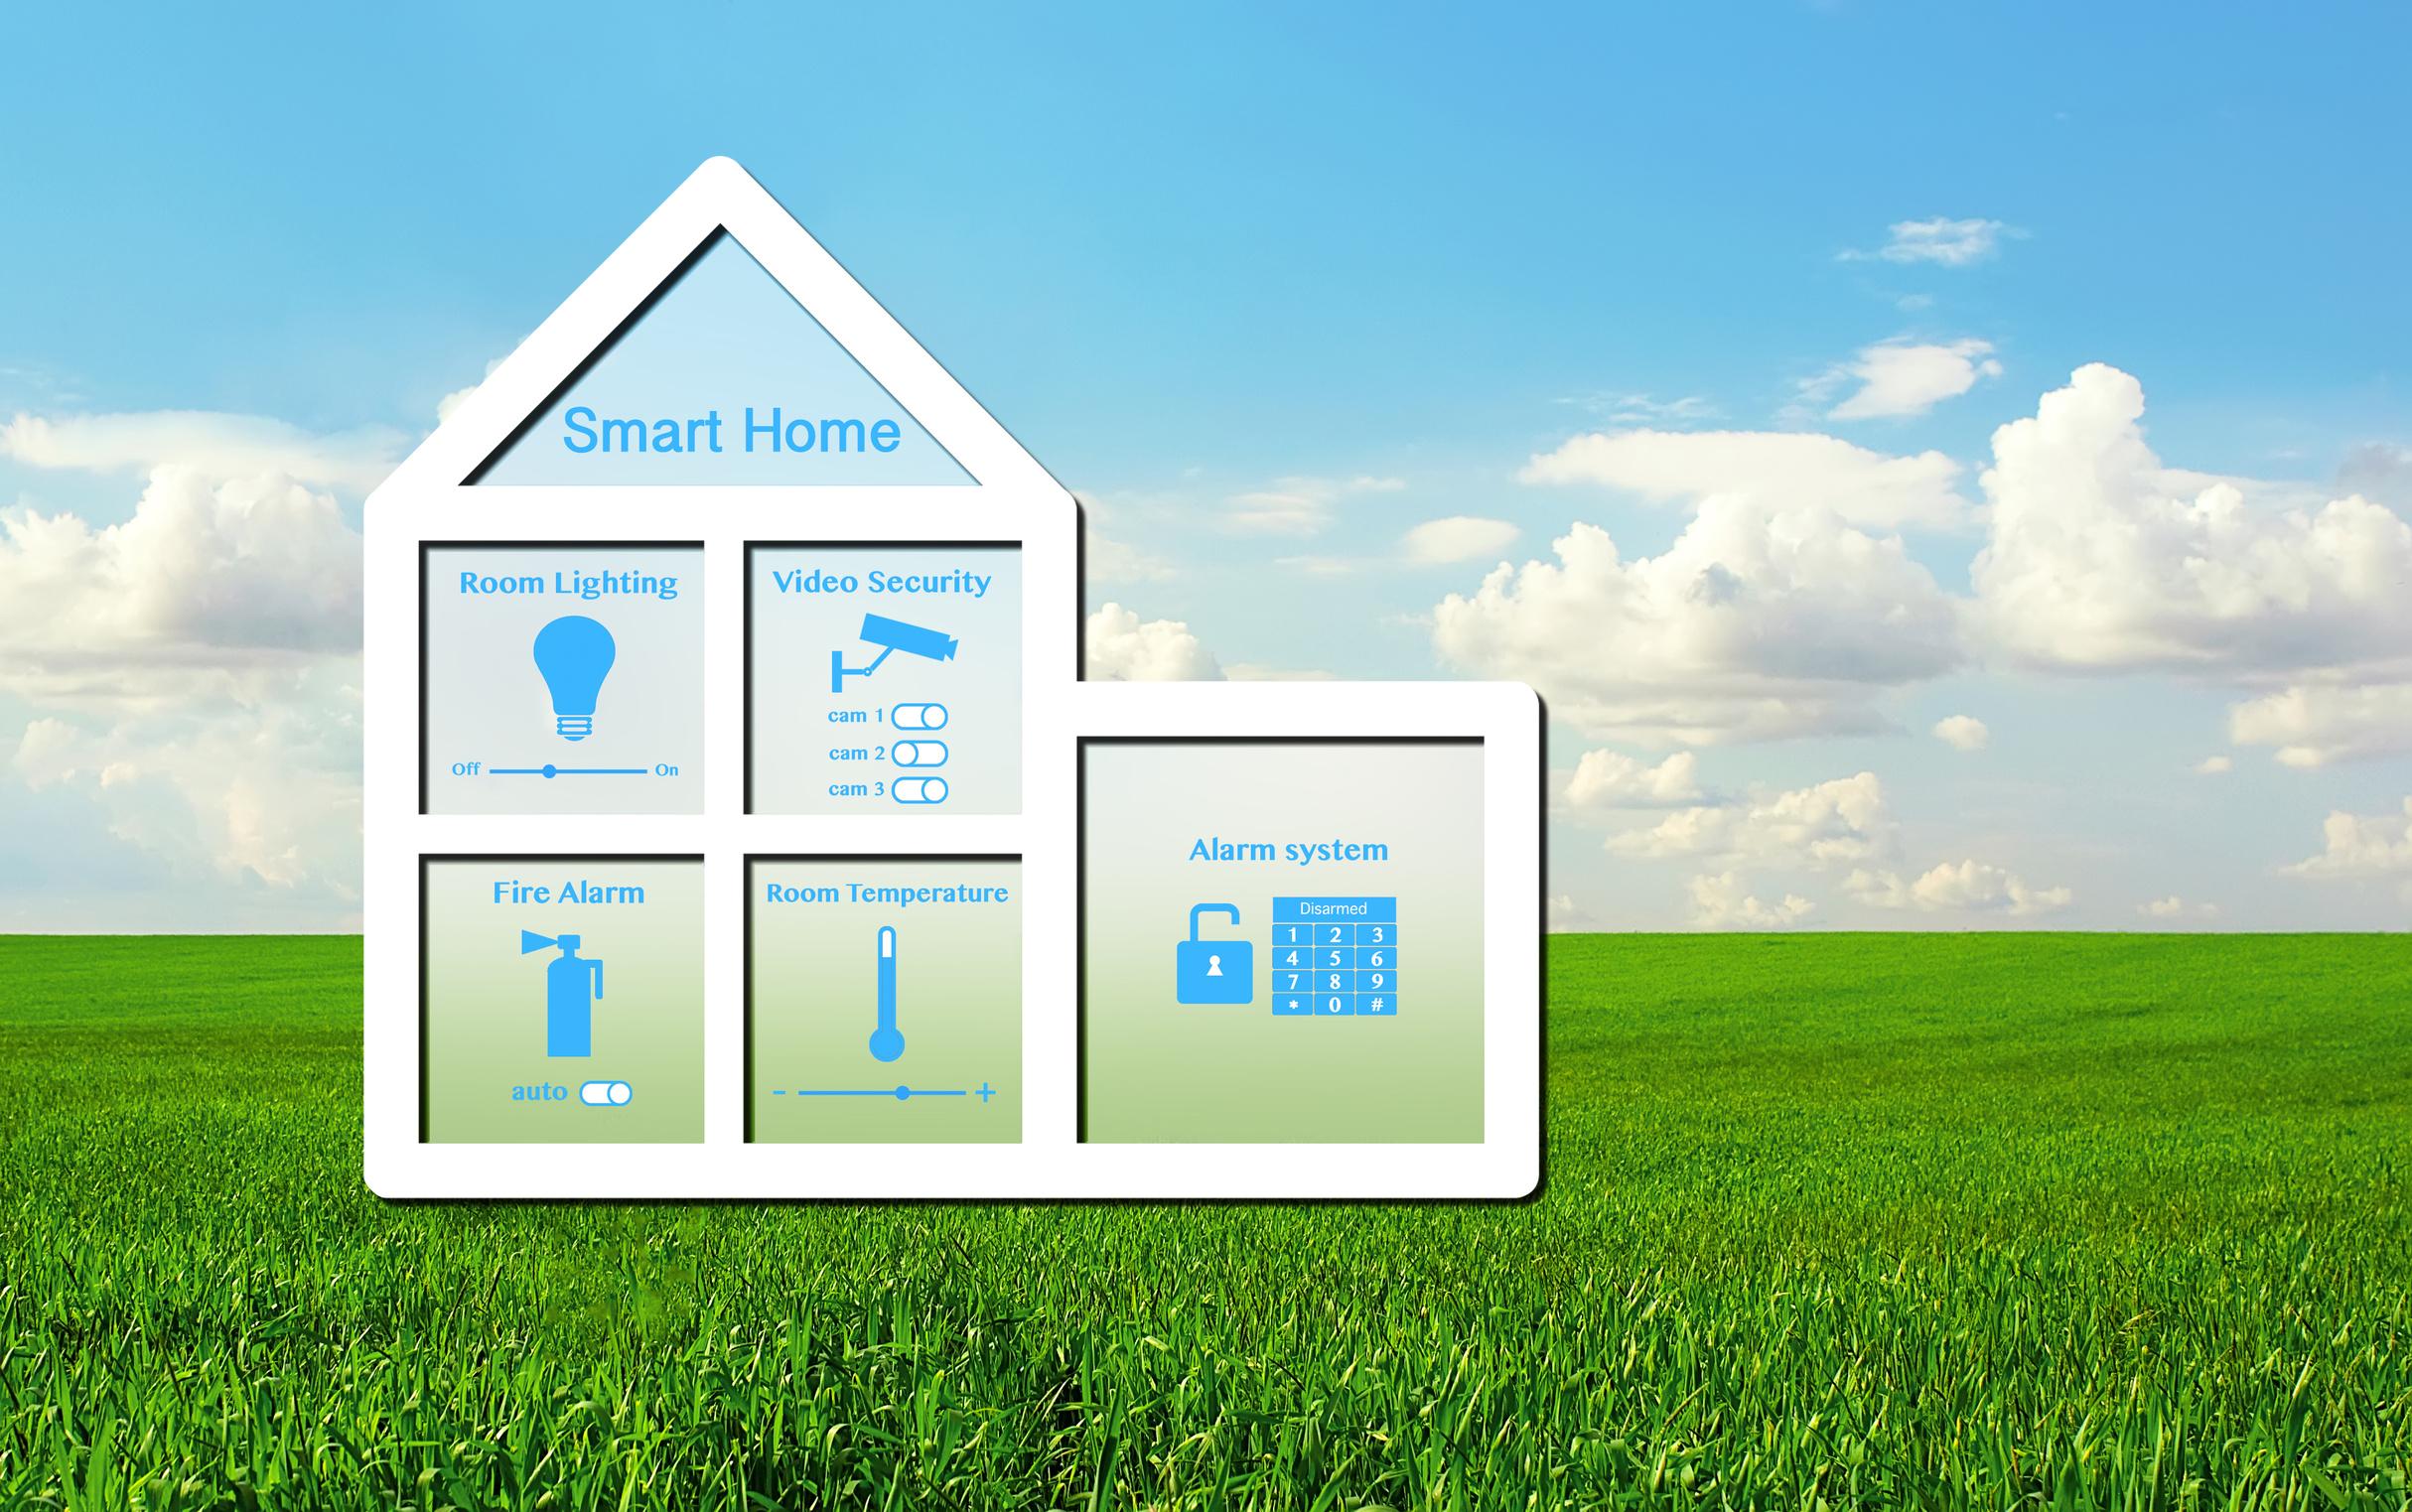 normung schl ssel zum smart home geb udedigital. Black Bedroom Furniture Sets. Home Design Ideas